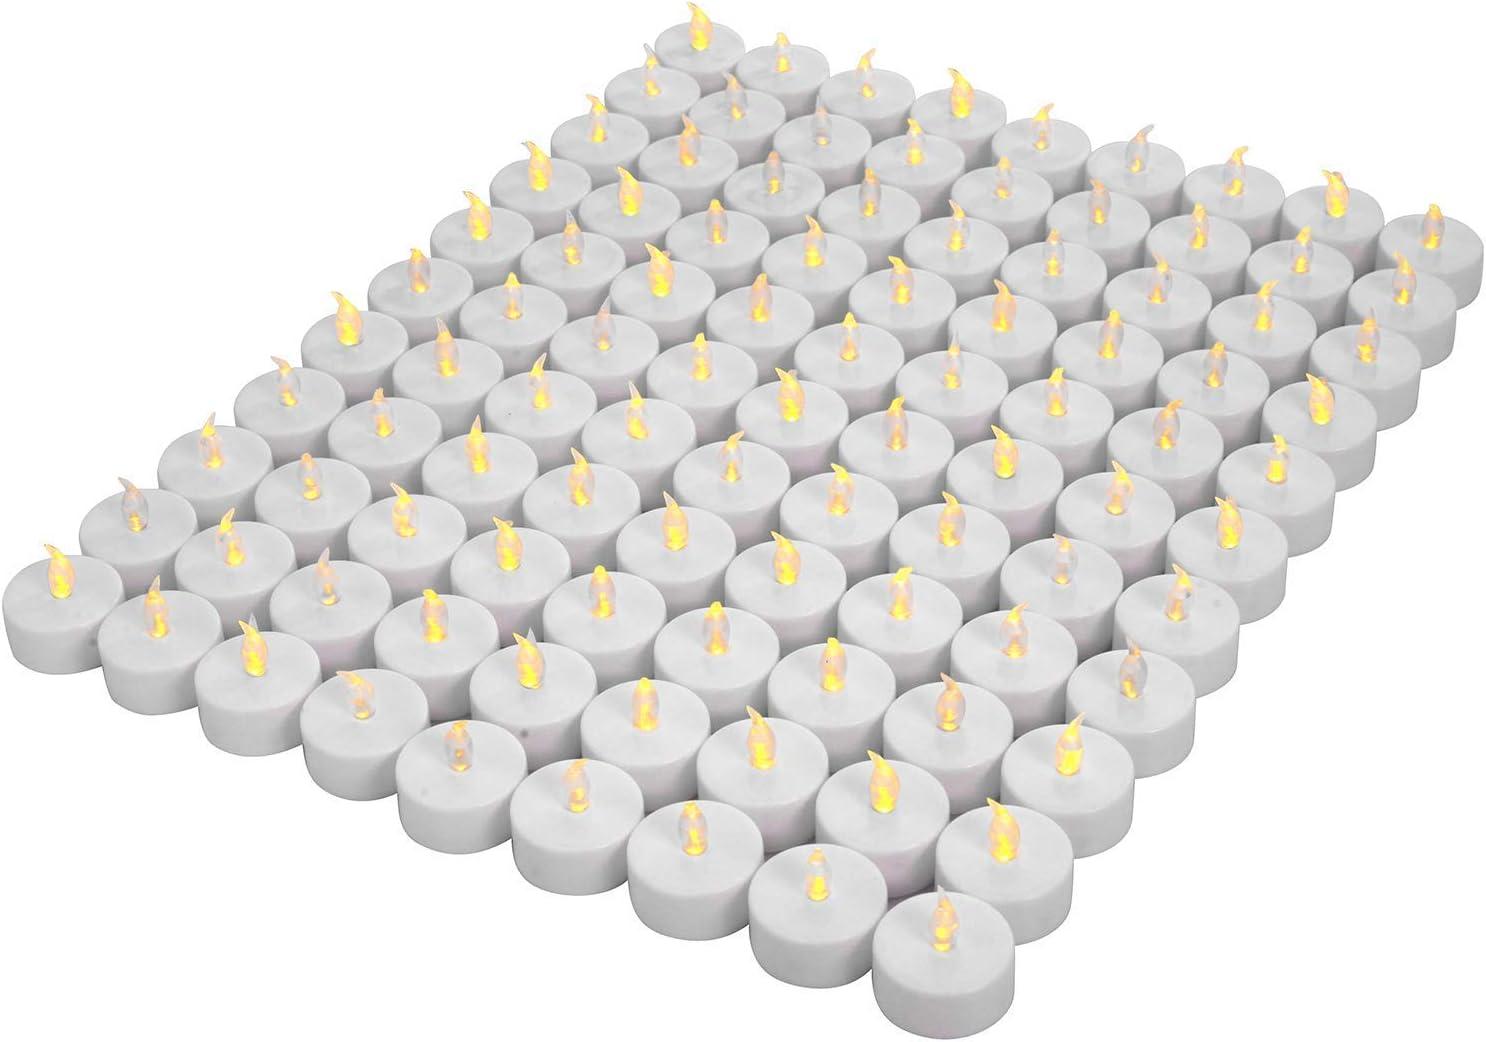 OSHINE 100unidades LED Velas Velas CR2032 pilas velas sin llama de iluminación eléctrica falso Vela para Hogar Navidad boda mesa regalo al aire libre cálido Amarillo …